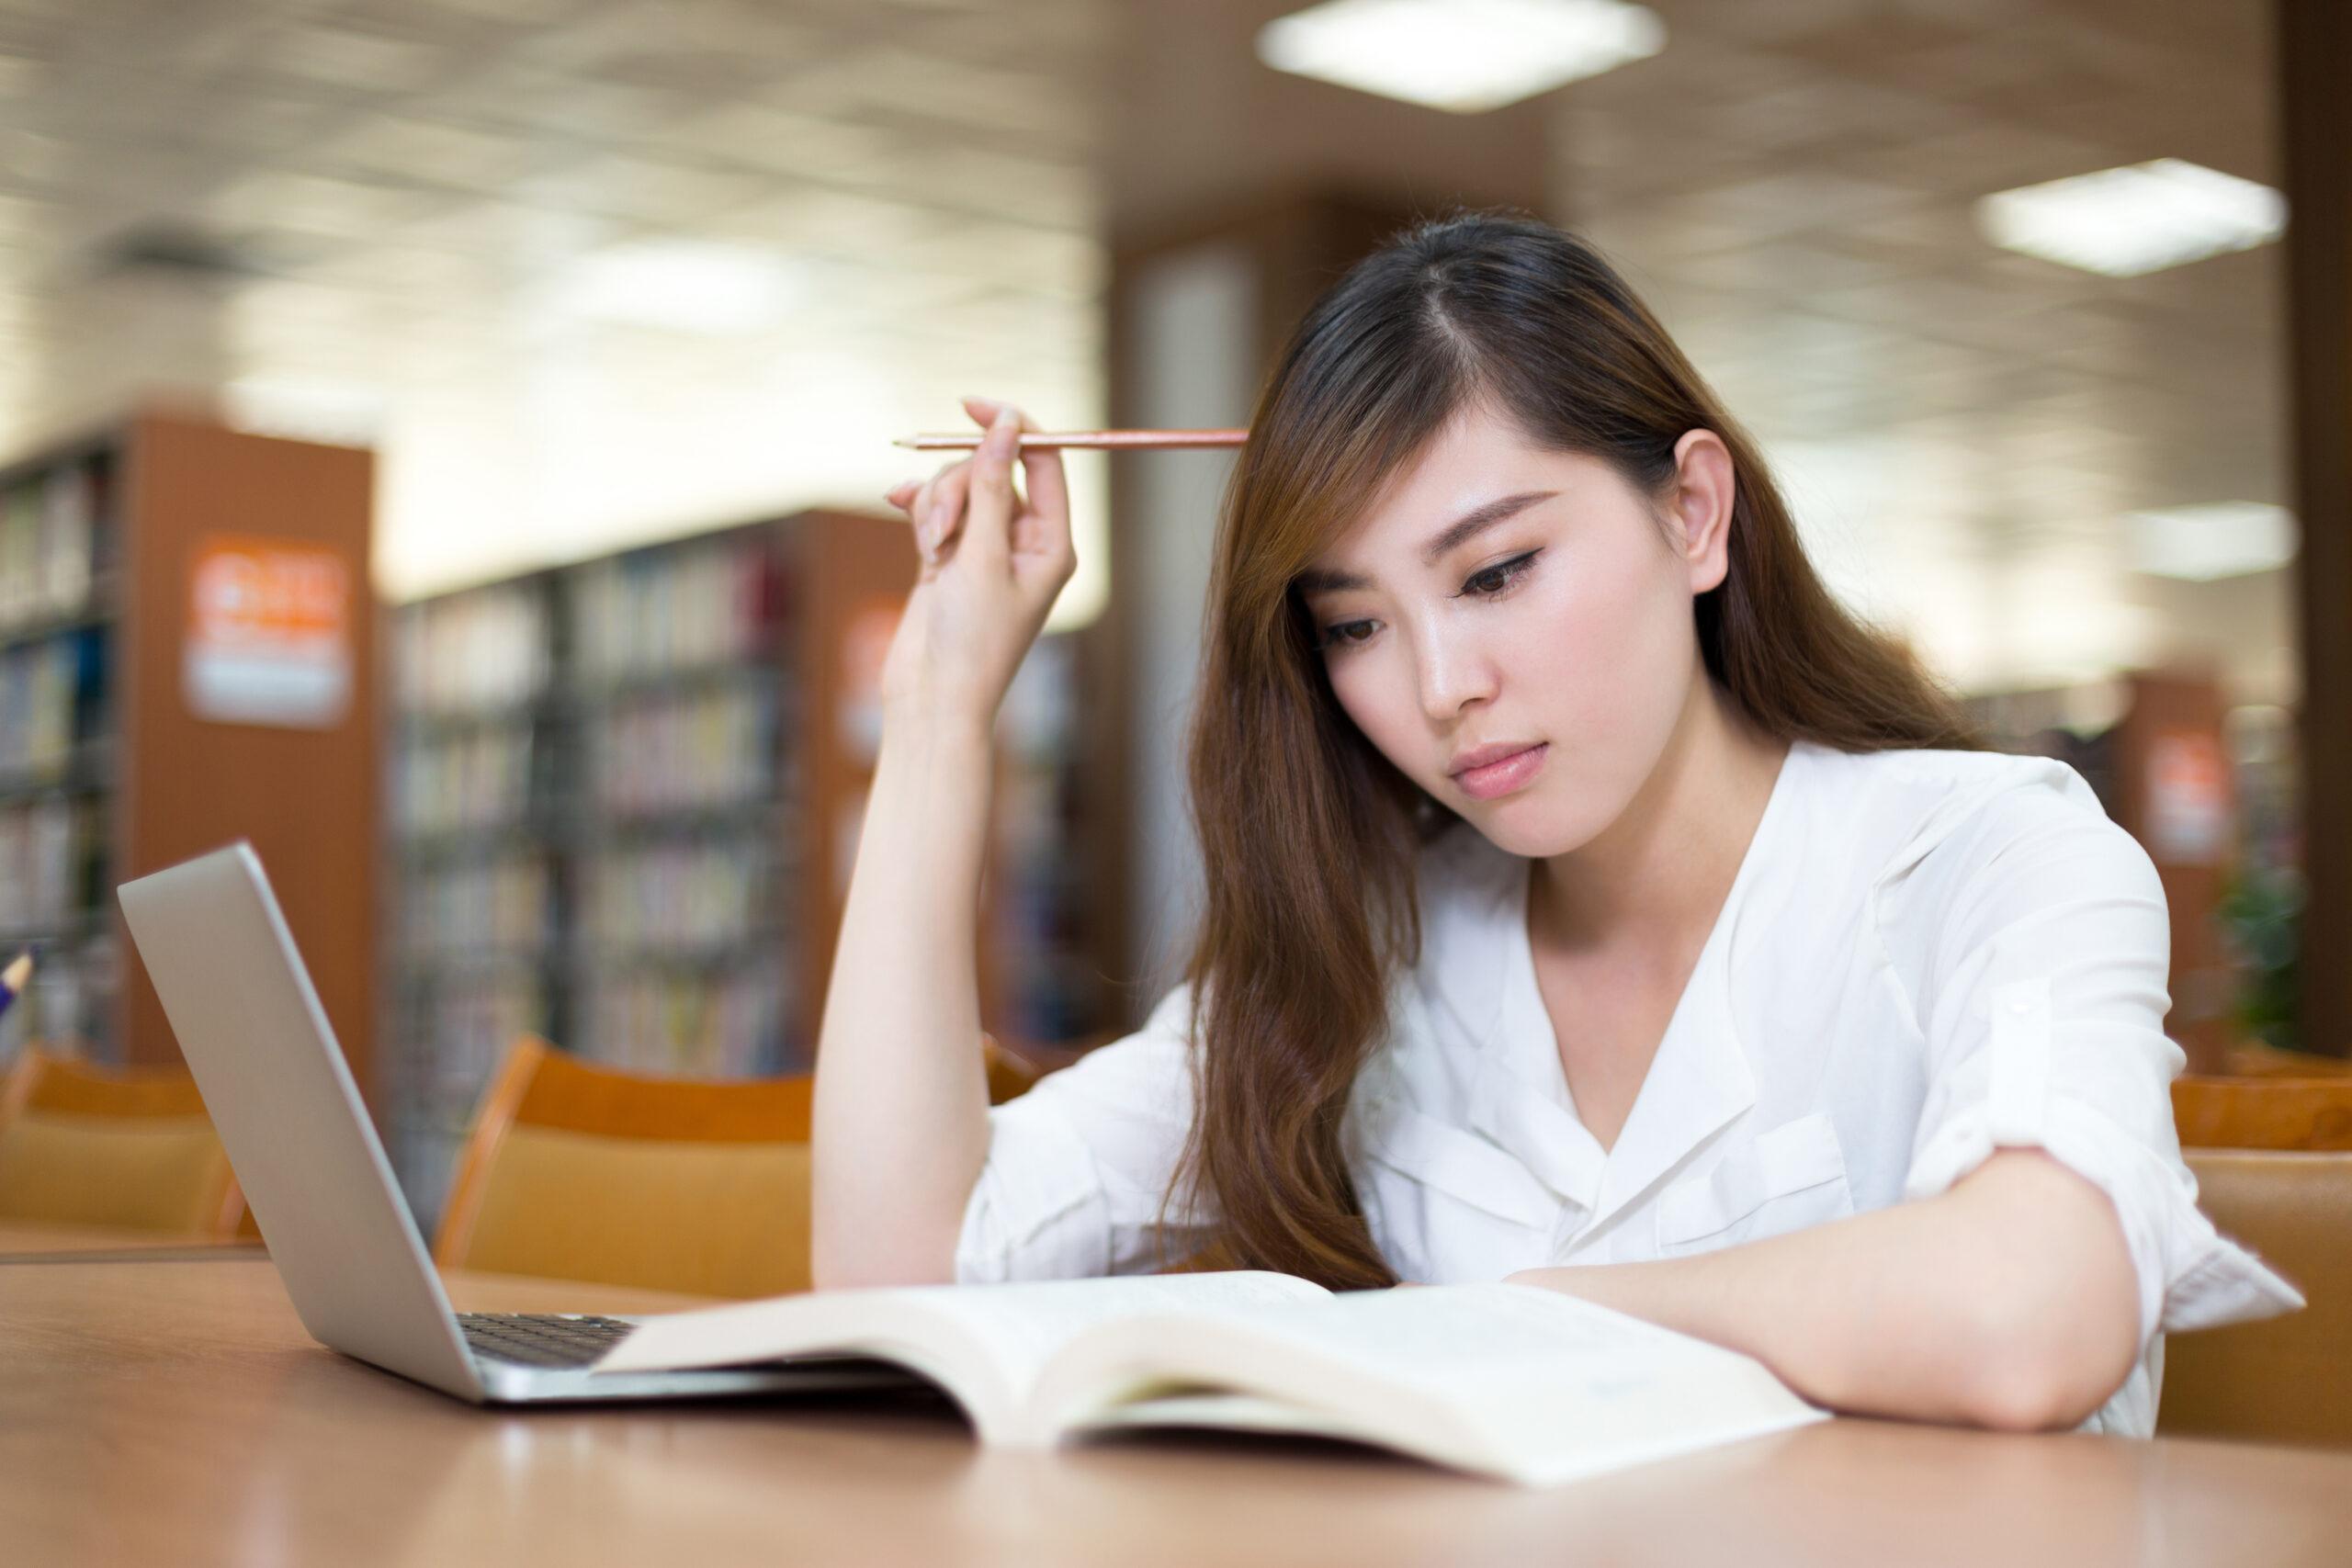 طرح پژوهشی چیست ؟ | راهنمای عملی طرح سوال پژوهش